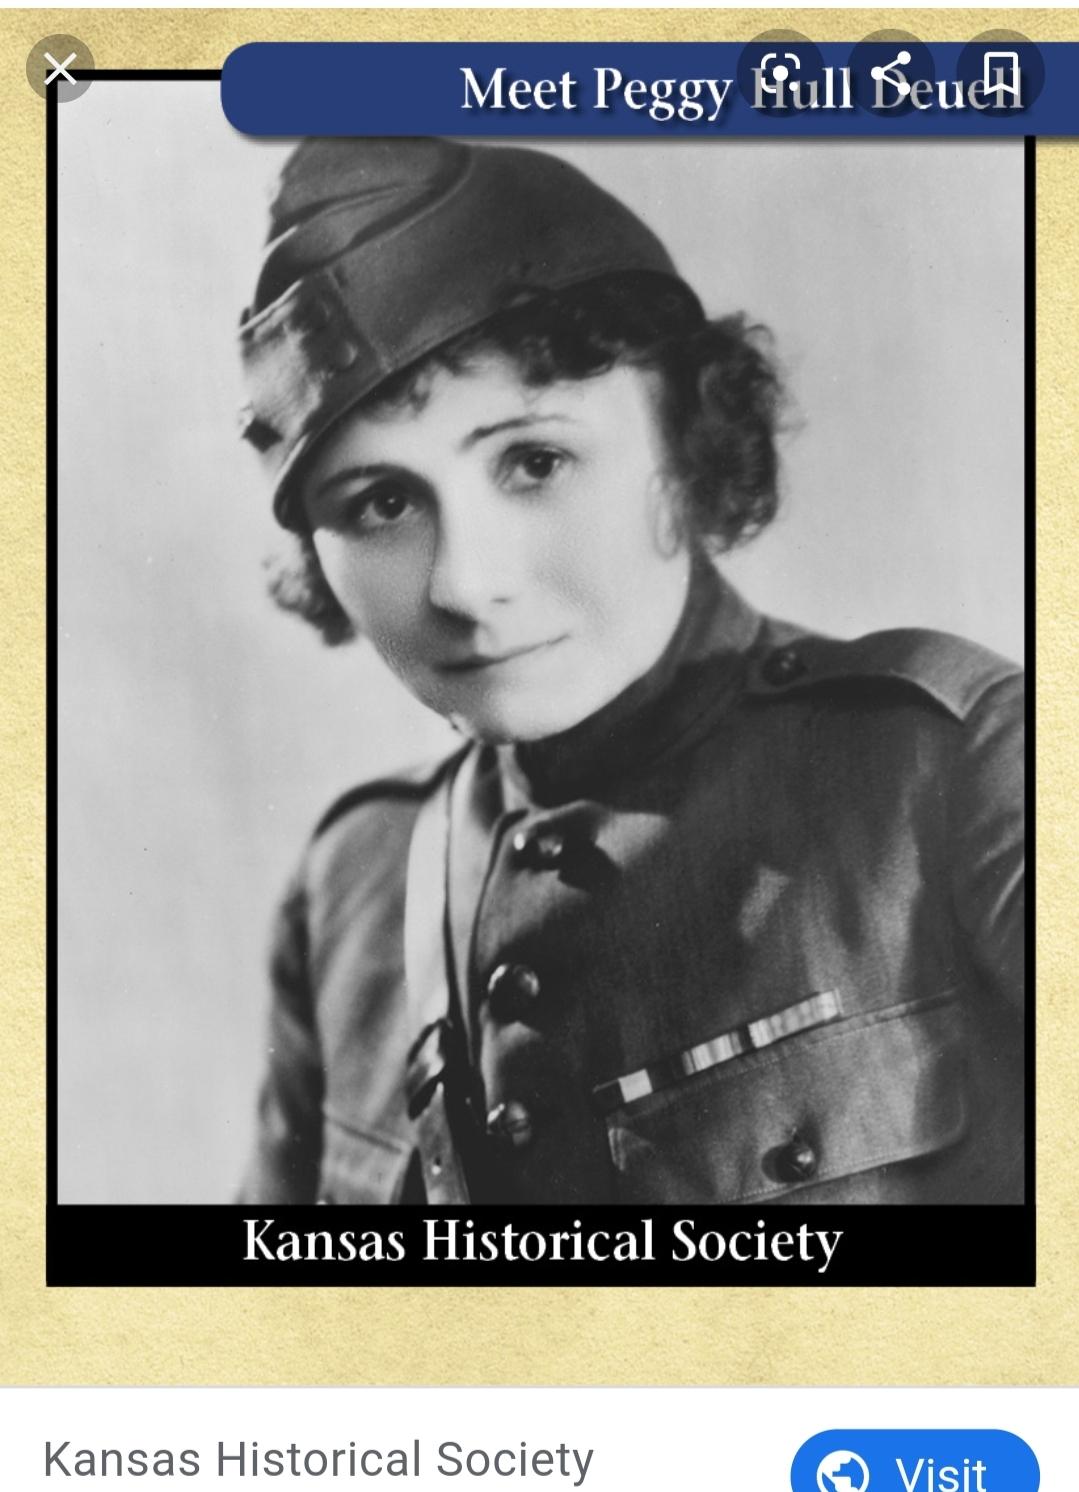 Courtesy of the Kansas Historical Society